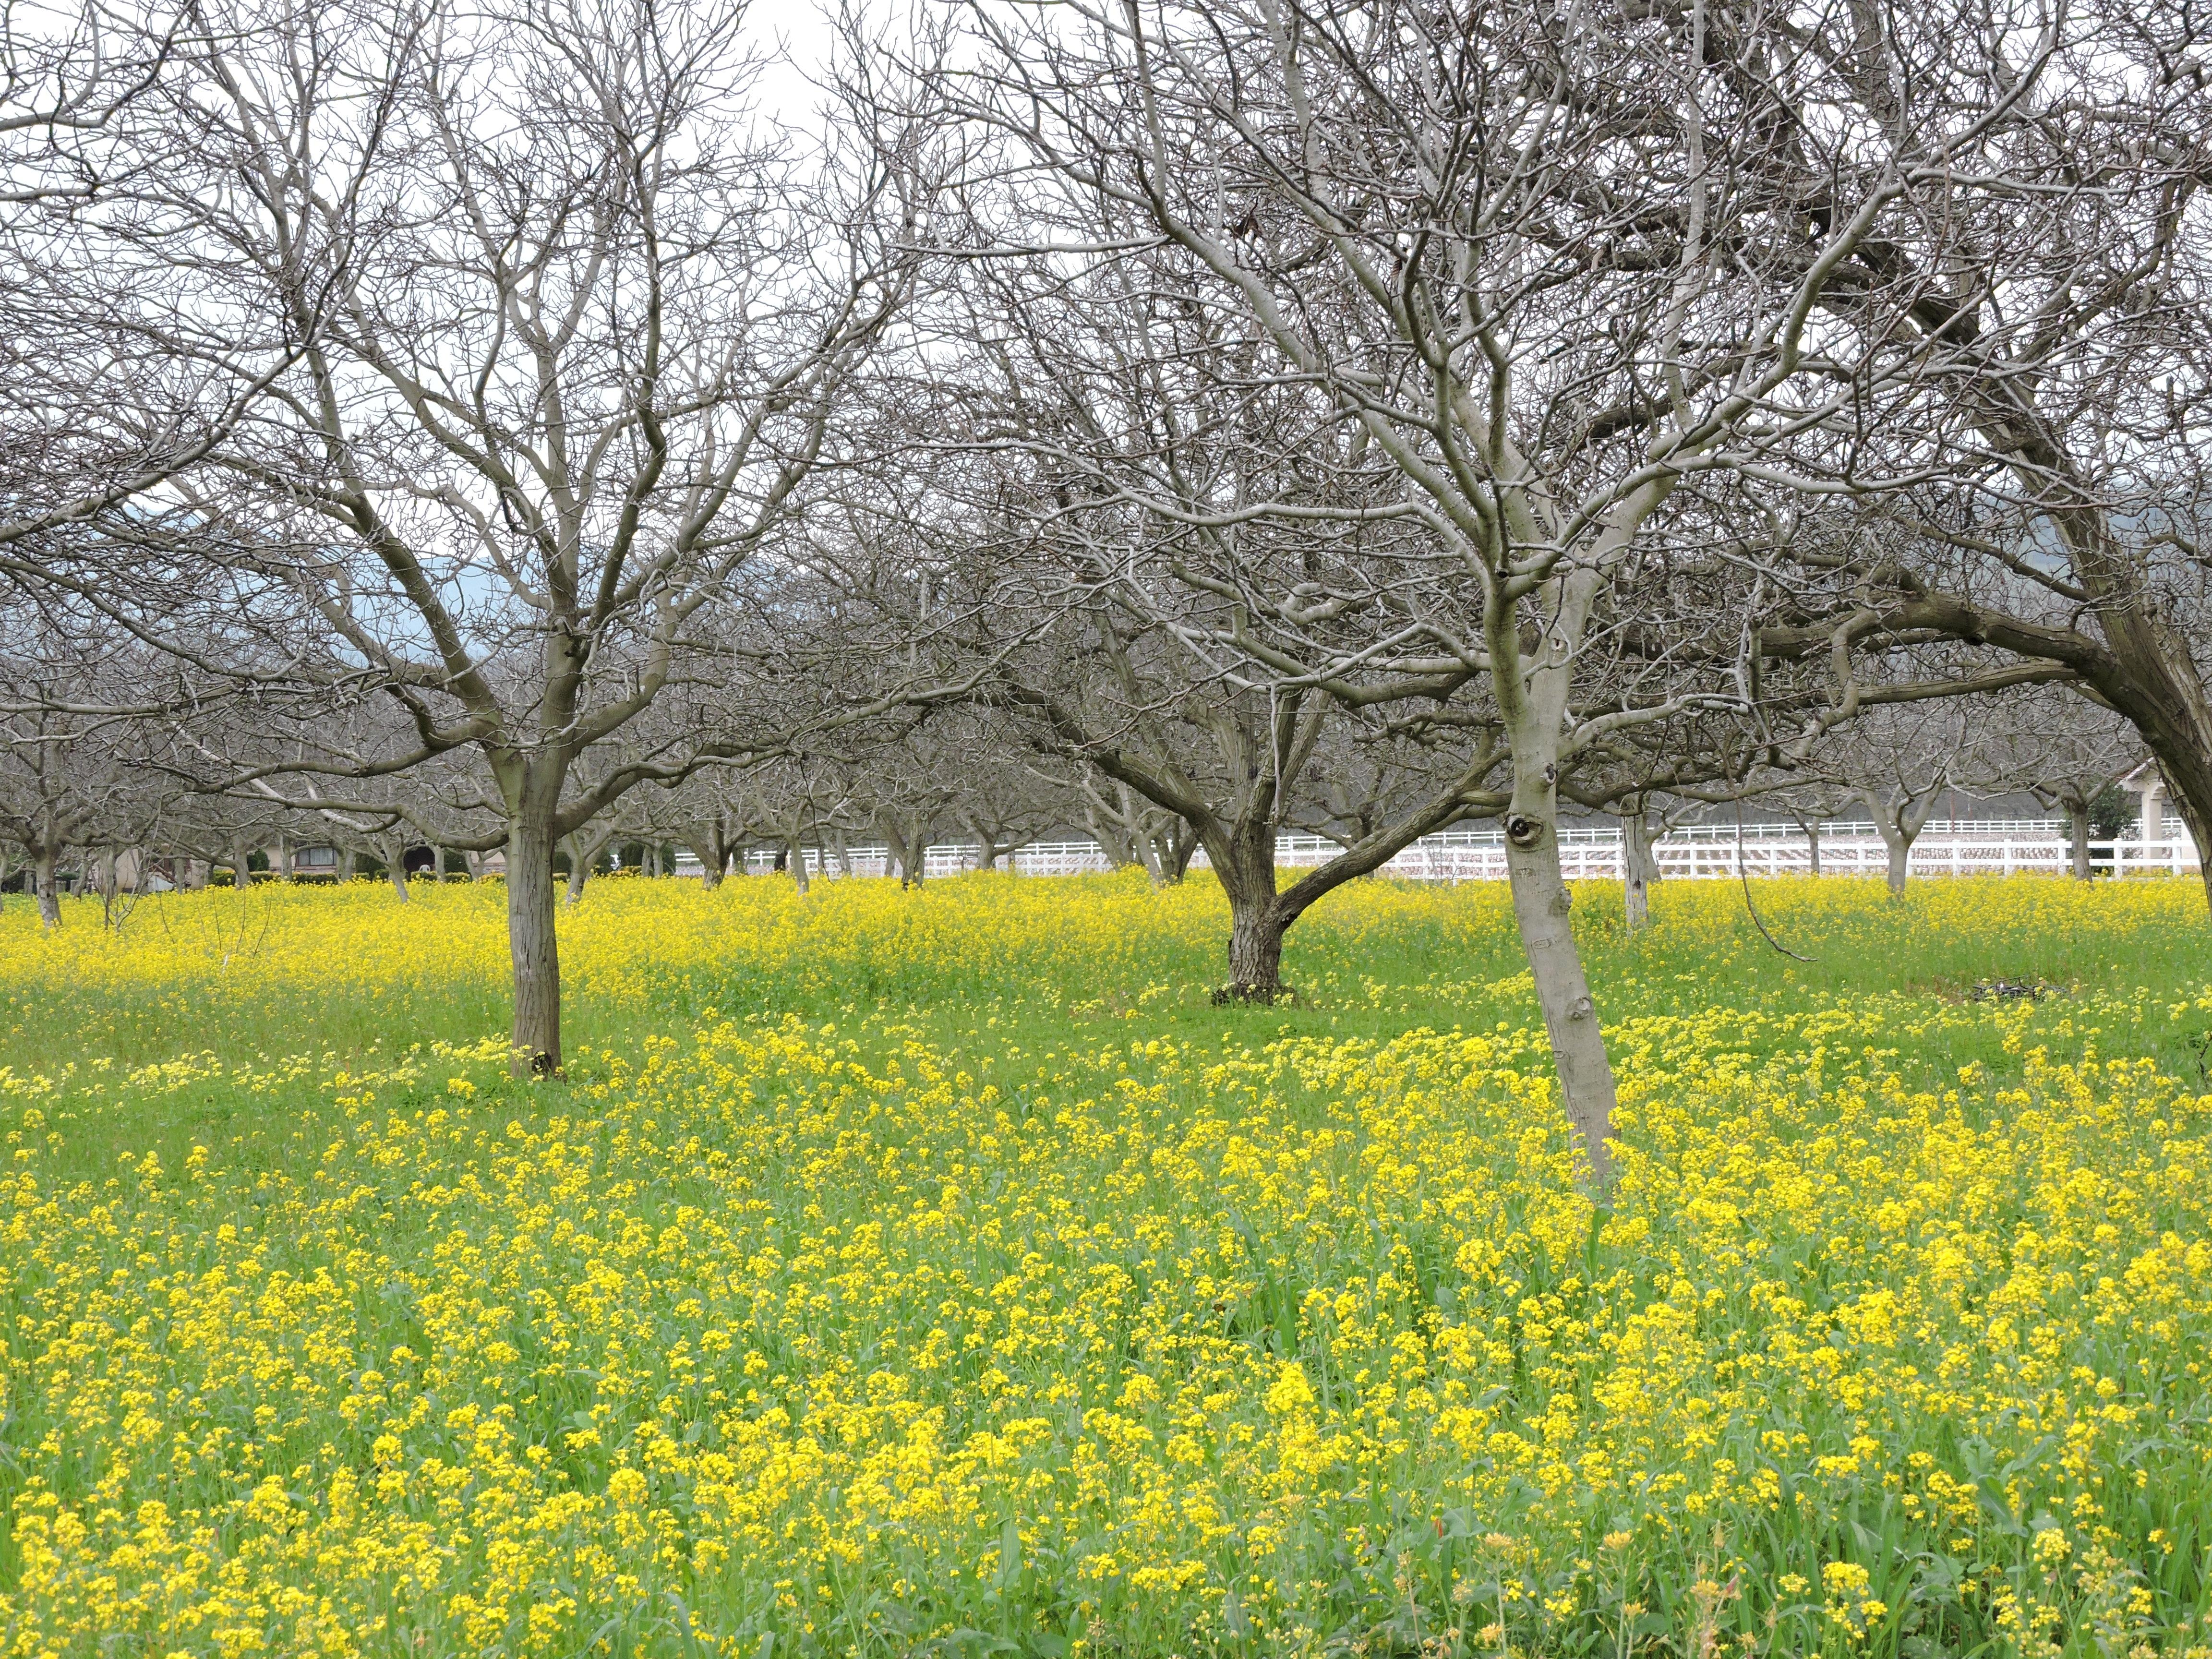 Mustard creates a sea of yellow flowers in suisun valley visit dscn0362 mightylinksfo